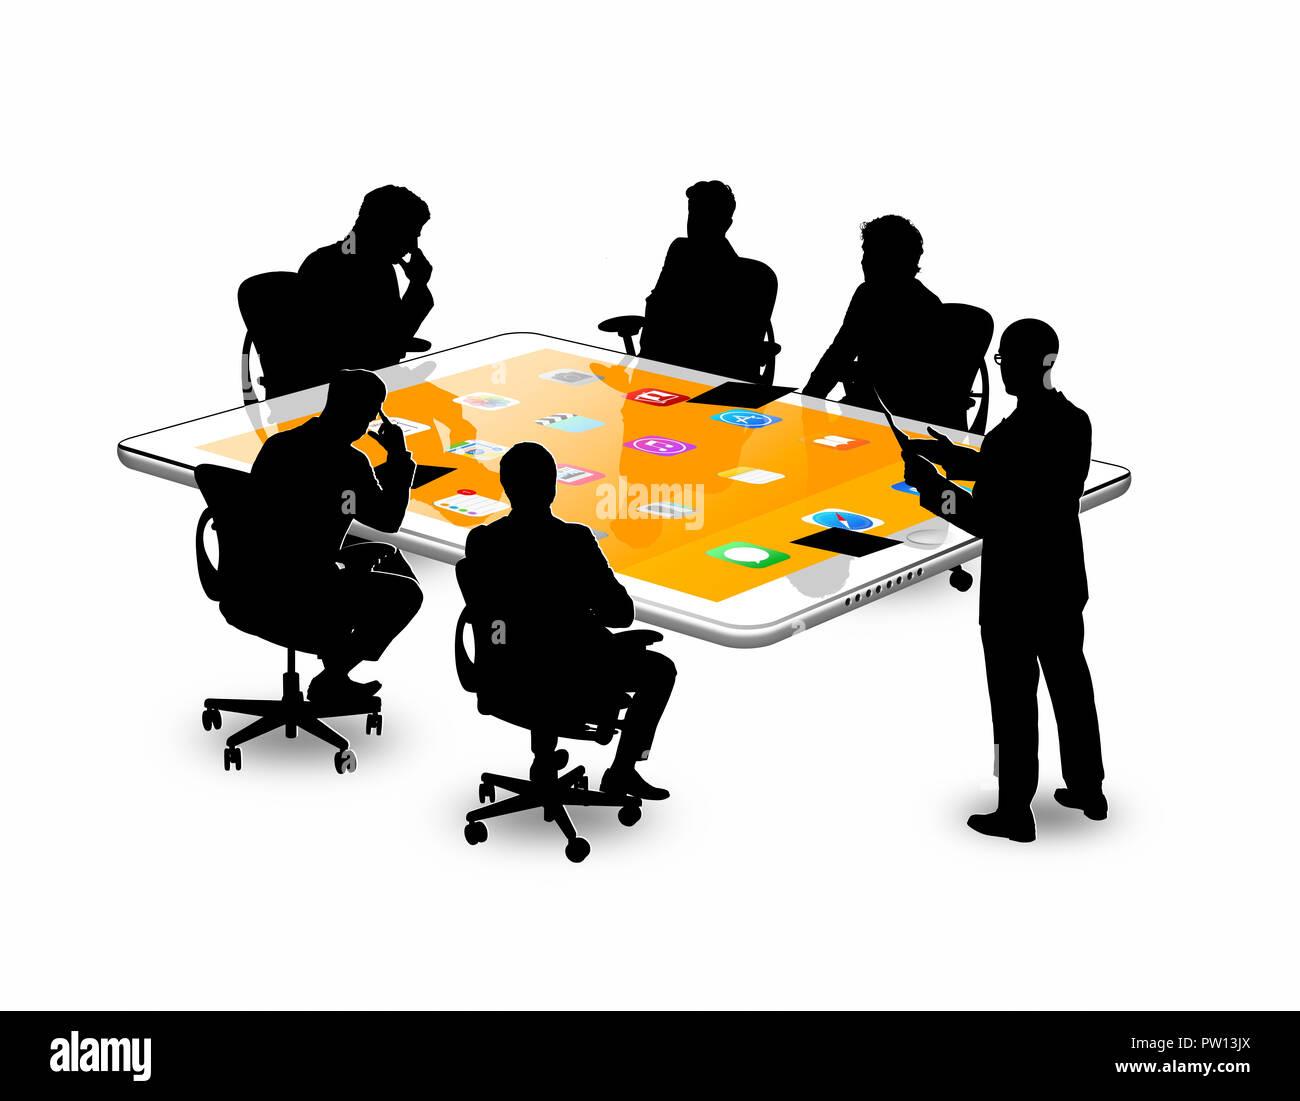 Konzept einer Gruppe von Männern in einem Meeting, an einem Tisch Tablet, Konferenz, Business Stockbild